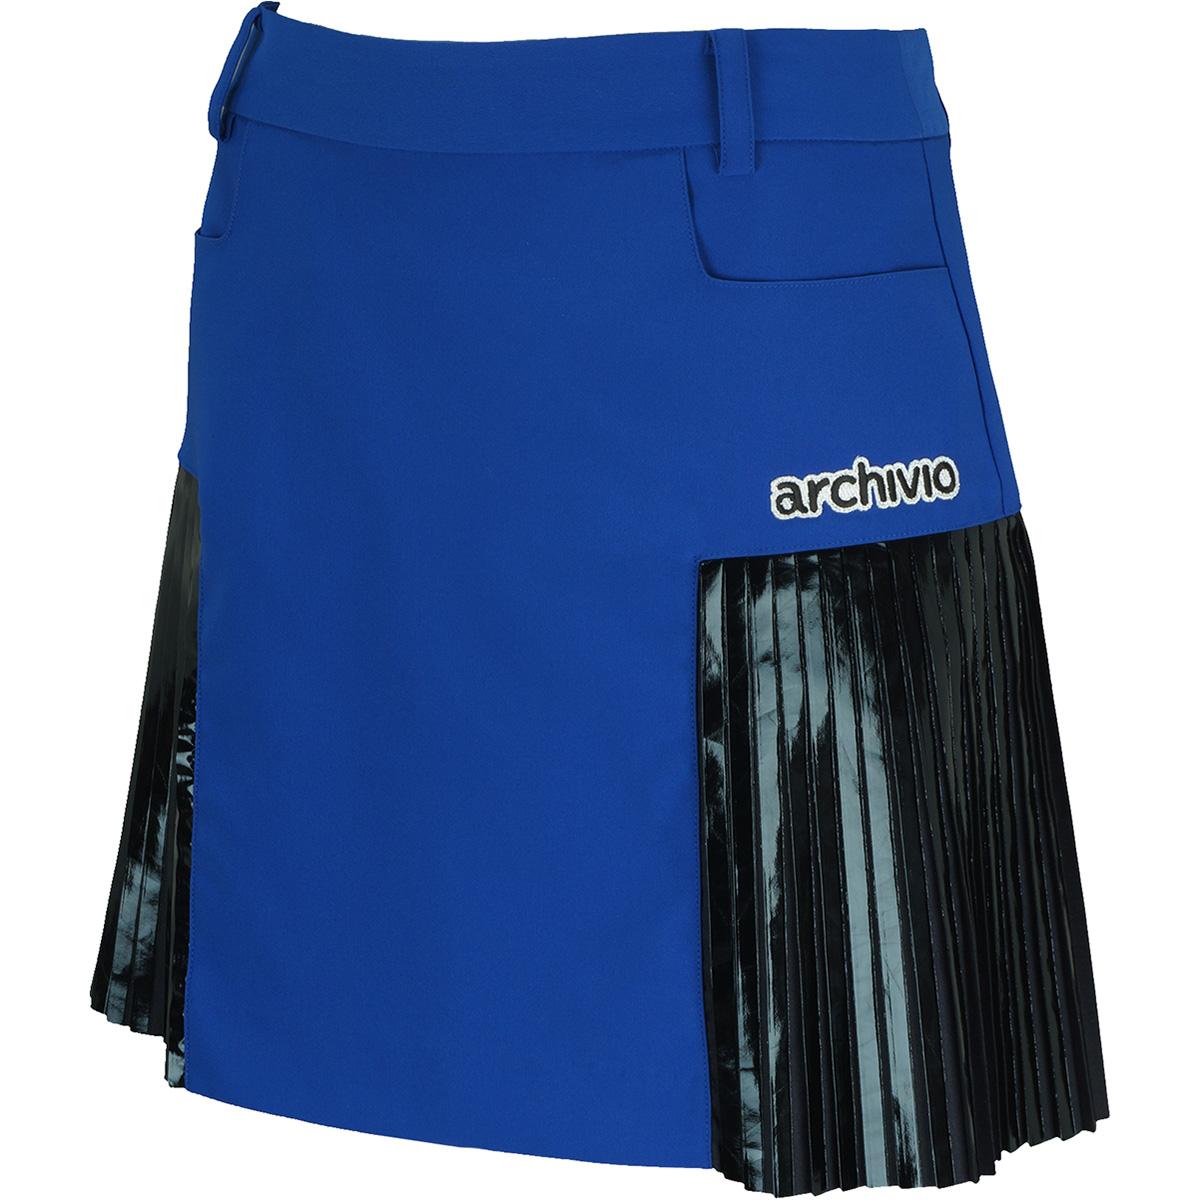 アルチビオ秋冬ゴルフウェアが50%OFF!今すぐ使えるスカートなど在庫限りでお買い得